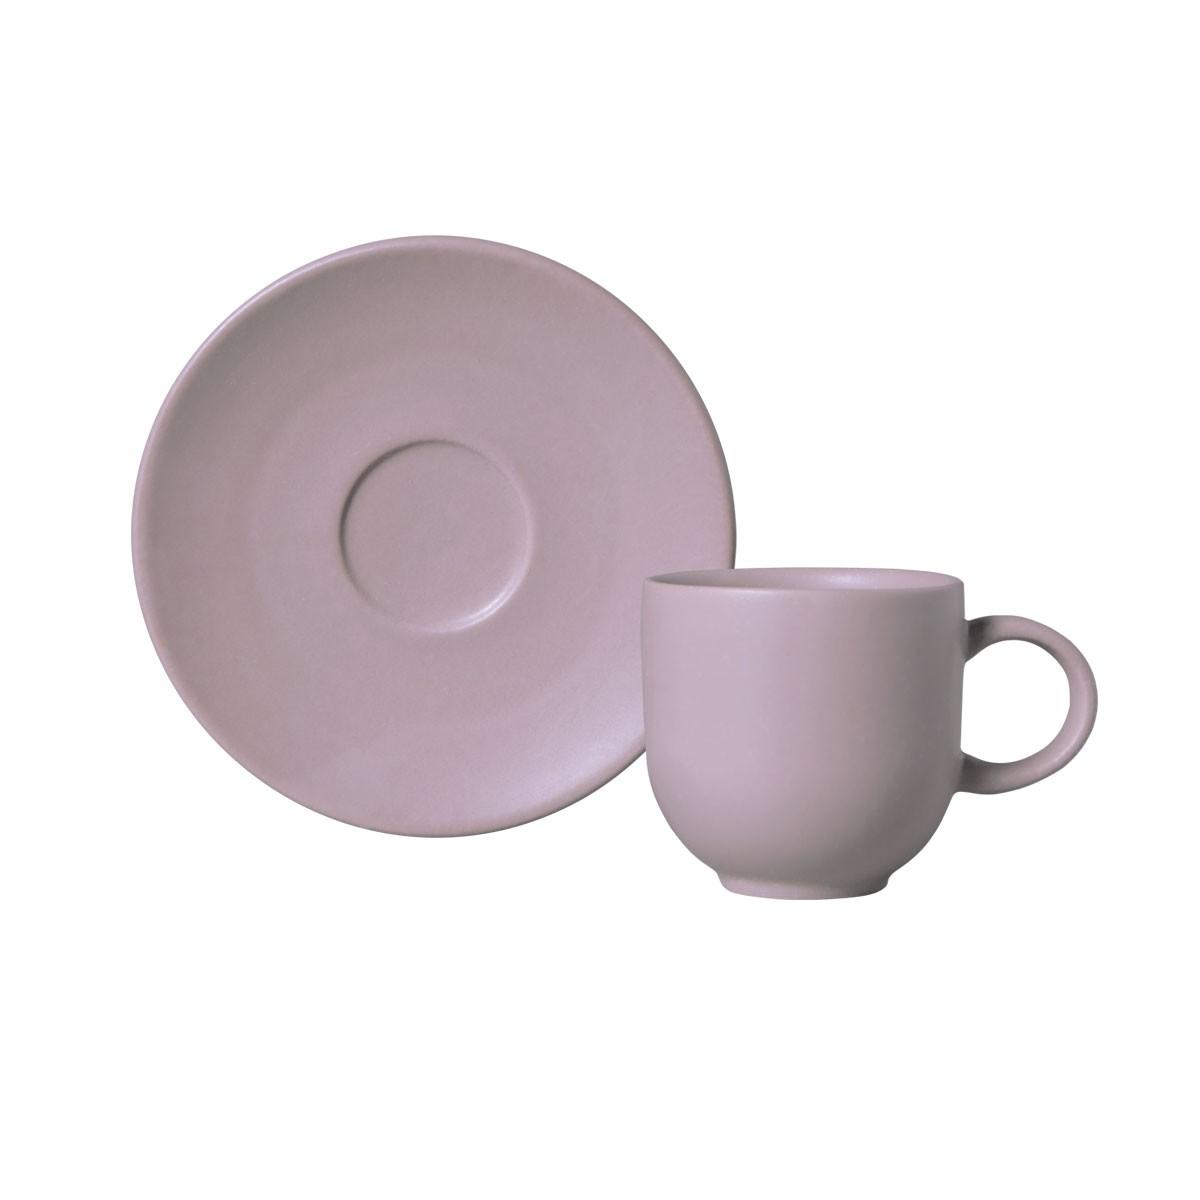 Xicara de Cafe Mahogany de Ceramica com Pires 97ml Nude - Porto Brasil